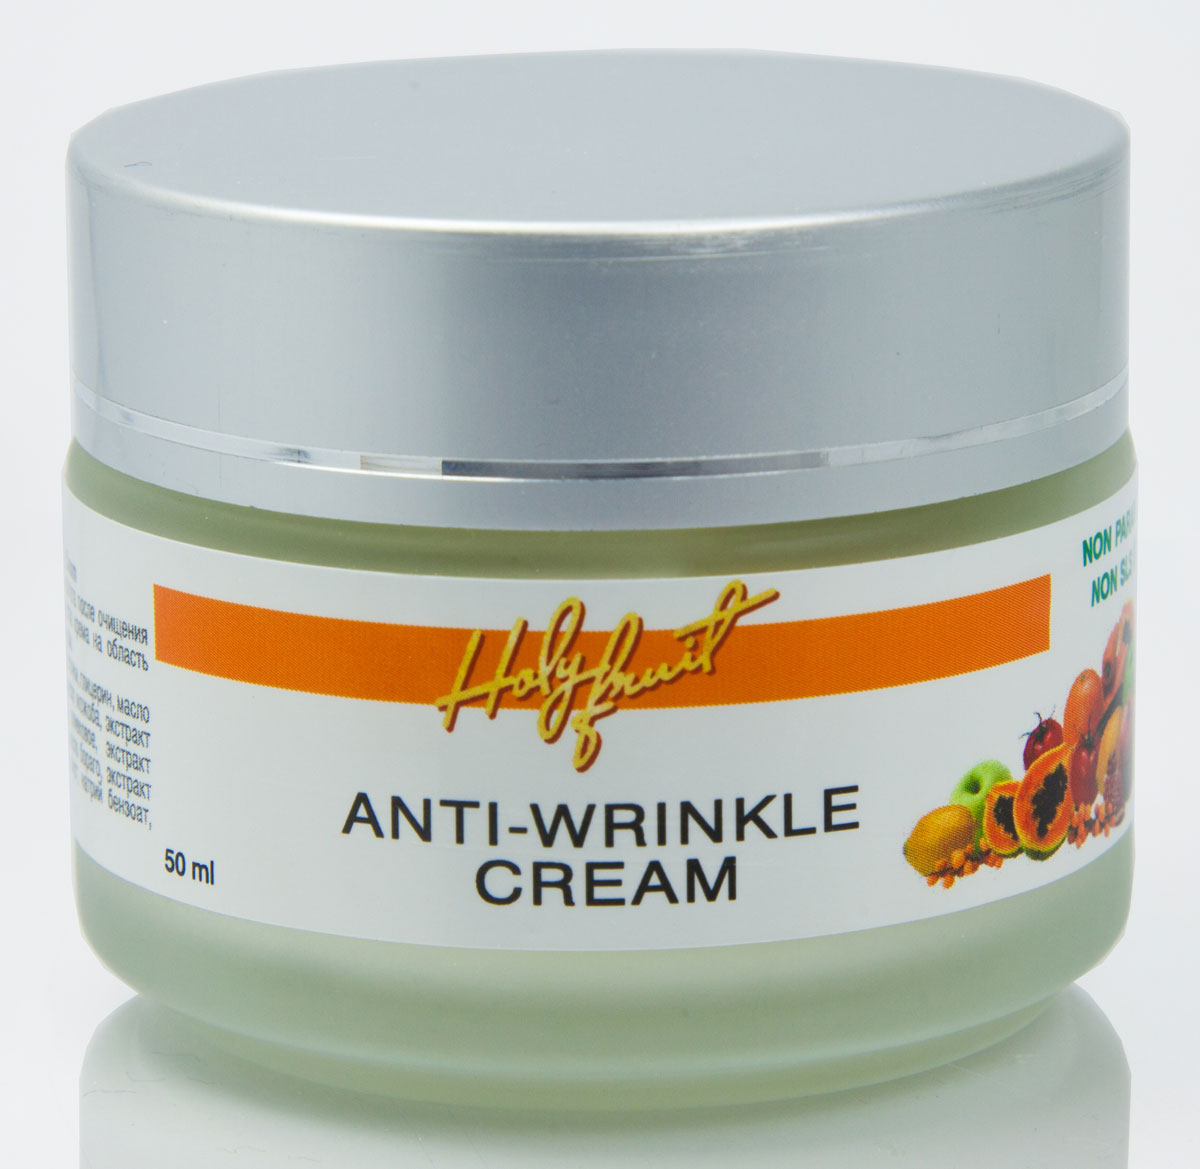 Holy Fruit Крем Крем против морщин Anti-Wrinkle Cream, 50 мл10157Для создания этого активного антивозрастного крема отобраны самые эффективные компоненты, наполняющие энергией, питающие кожу на клеточном уровне. Примула вечерняя, особенно значимой для женщины, разглаживает кожу, повышает ее упругость и эластичность. Экстракт настурции и масло облепихи справляются с усталостью кожи, наполняя ее влагой и природным витамином Е, осветляют пигментные пятна. Масло огуречника (бораго) запускает деление клеток и обновление эпидермиса, смягчает выраженности морщинок. Экстракт яблока, алоэ укрепляют стенки сосудов, кожа заметно подтягивается. При регулярном использовании исчезает сосудистая сеточка. Масло и экстракт календулы активизируют процессы обмена в клеточной структуре, восстанавливают поврежденные клетки кожи. Крем обладает лифтинговым эффектом.